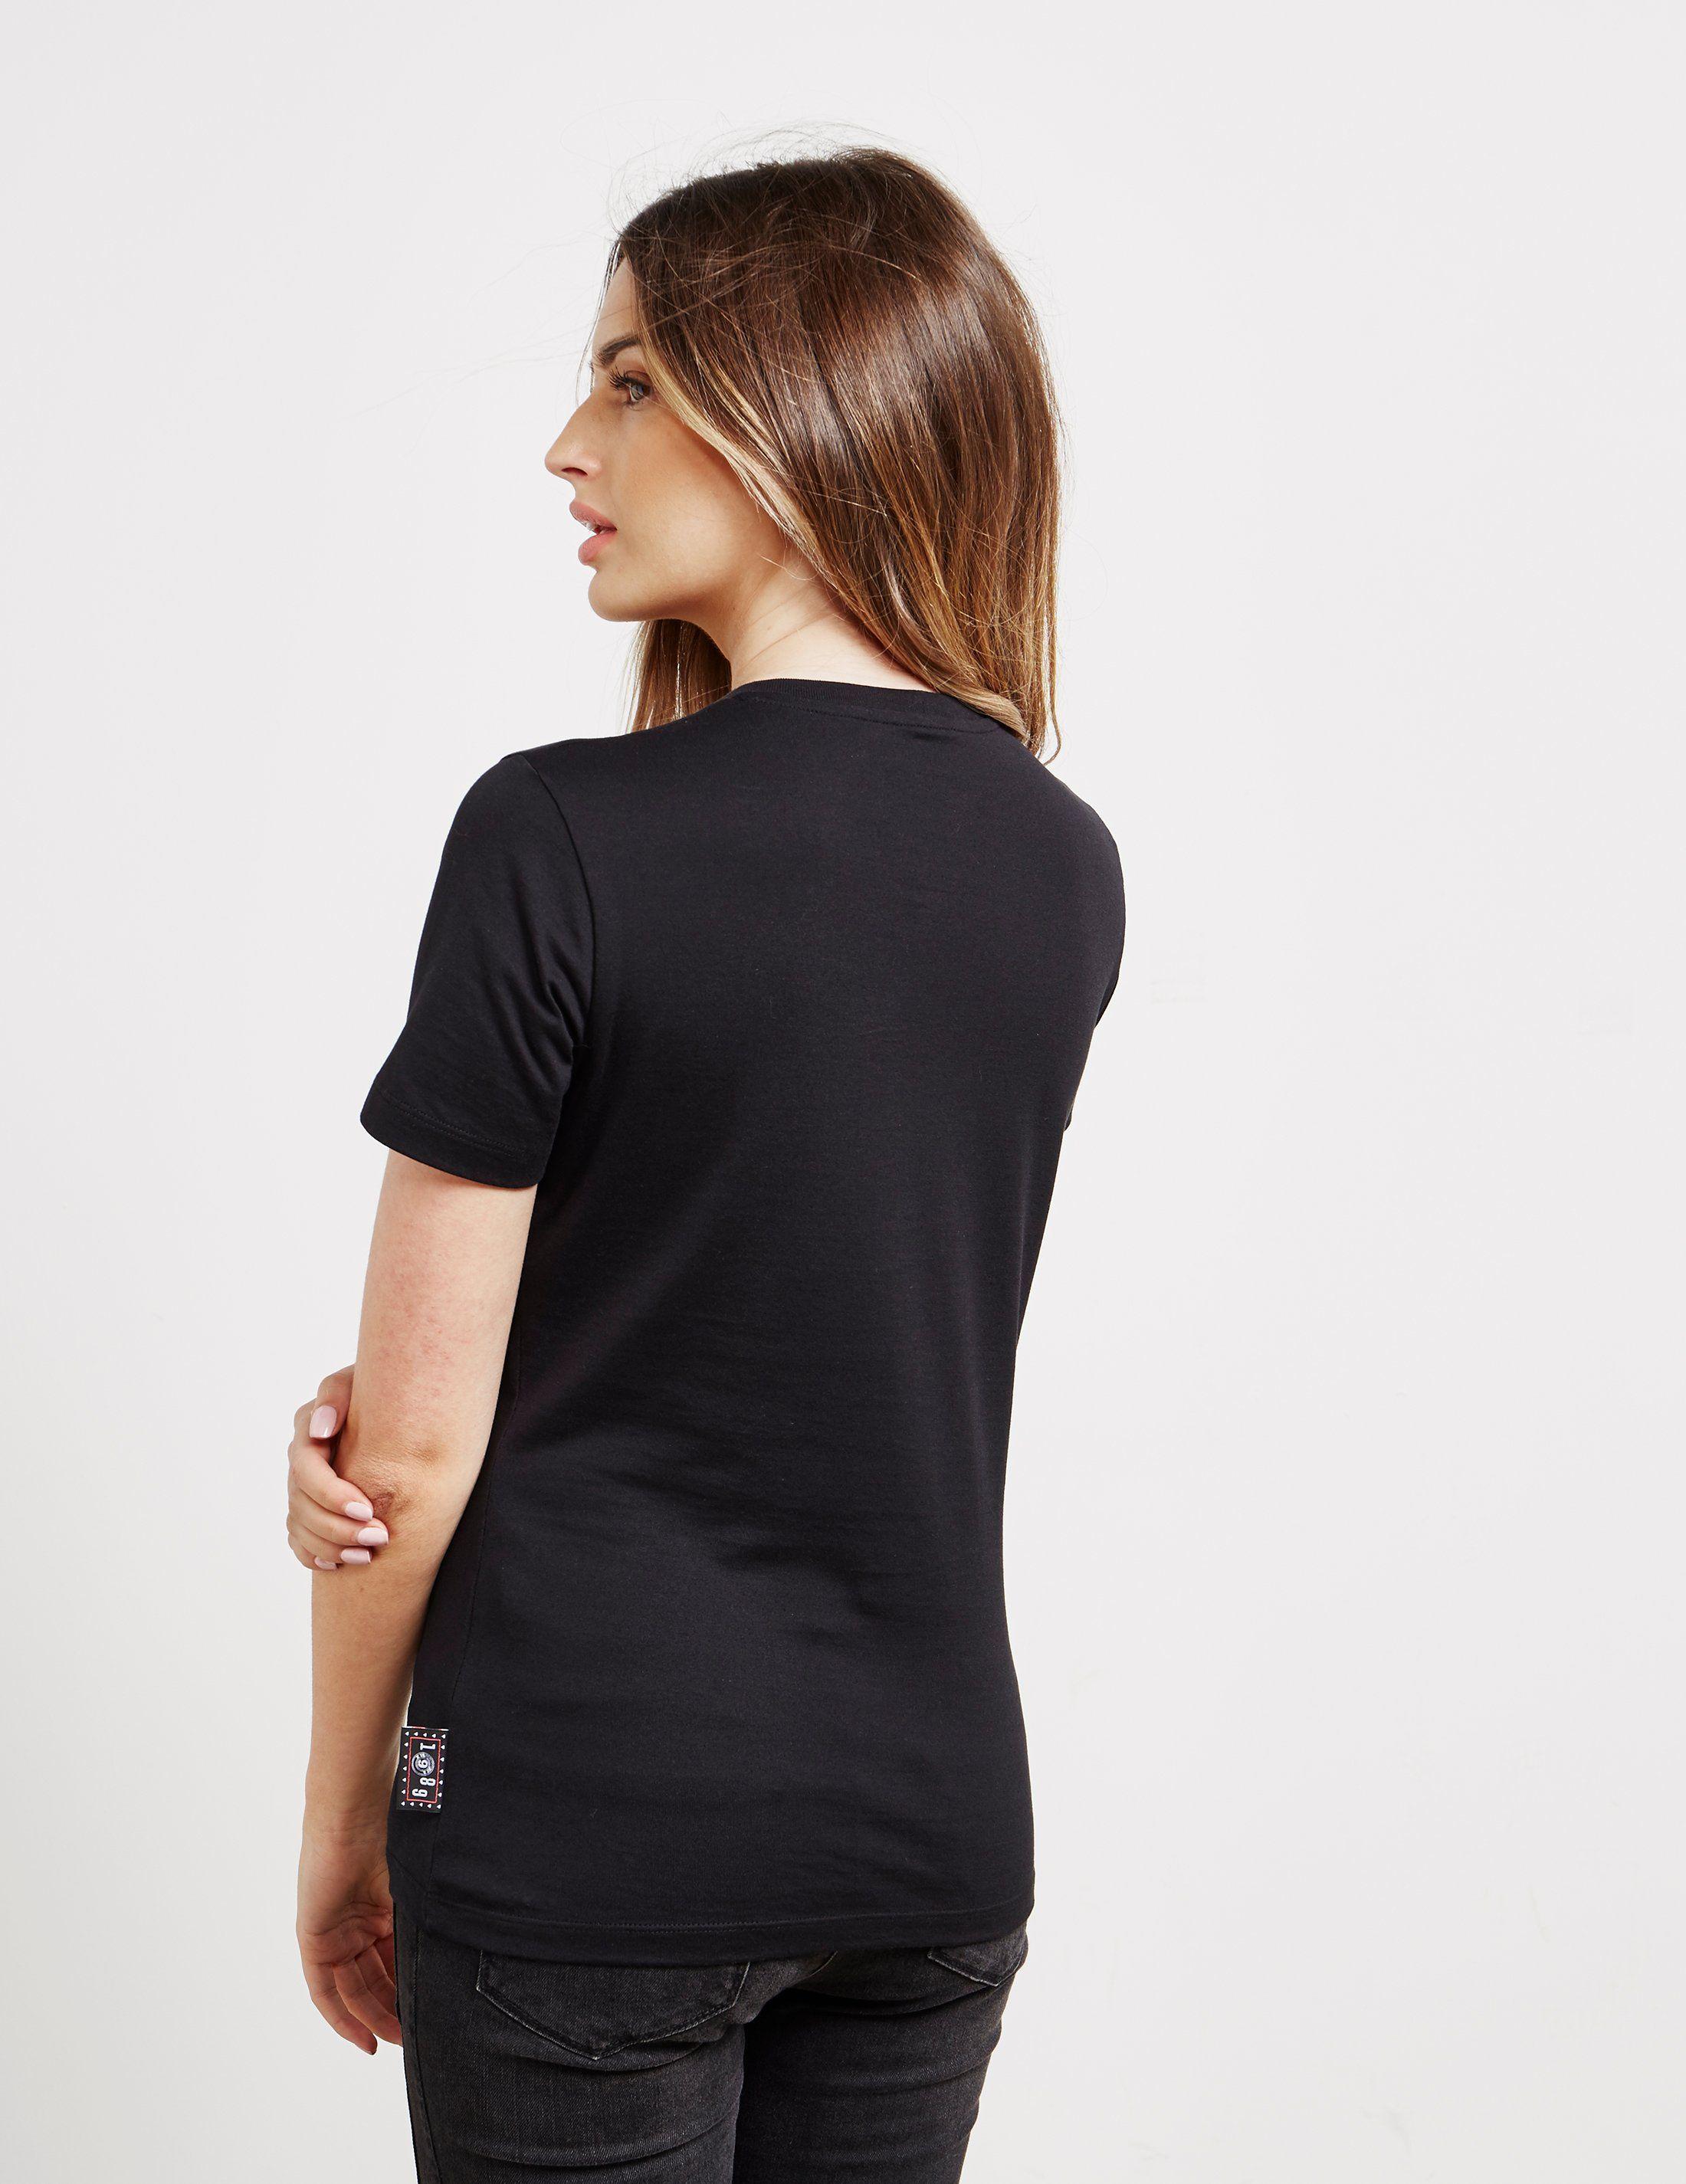 Versus Versace 1989 Logo Short Sleeve T-Shirt